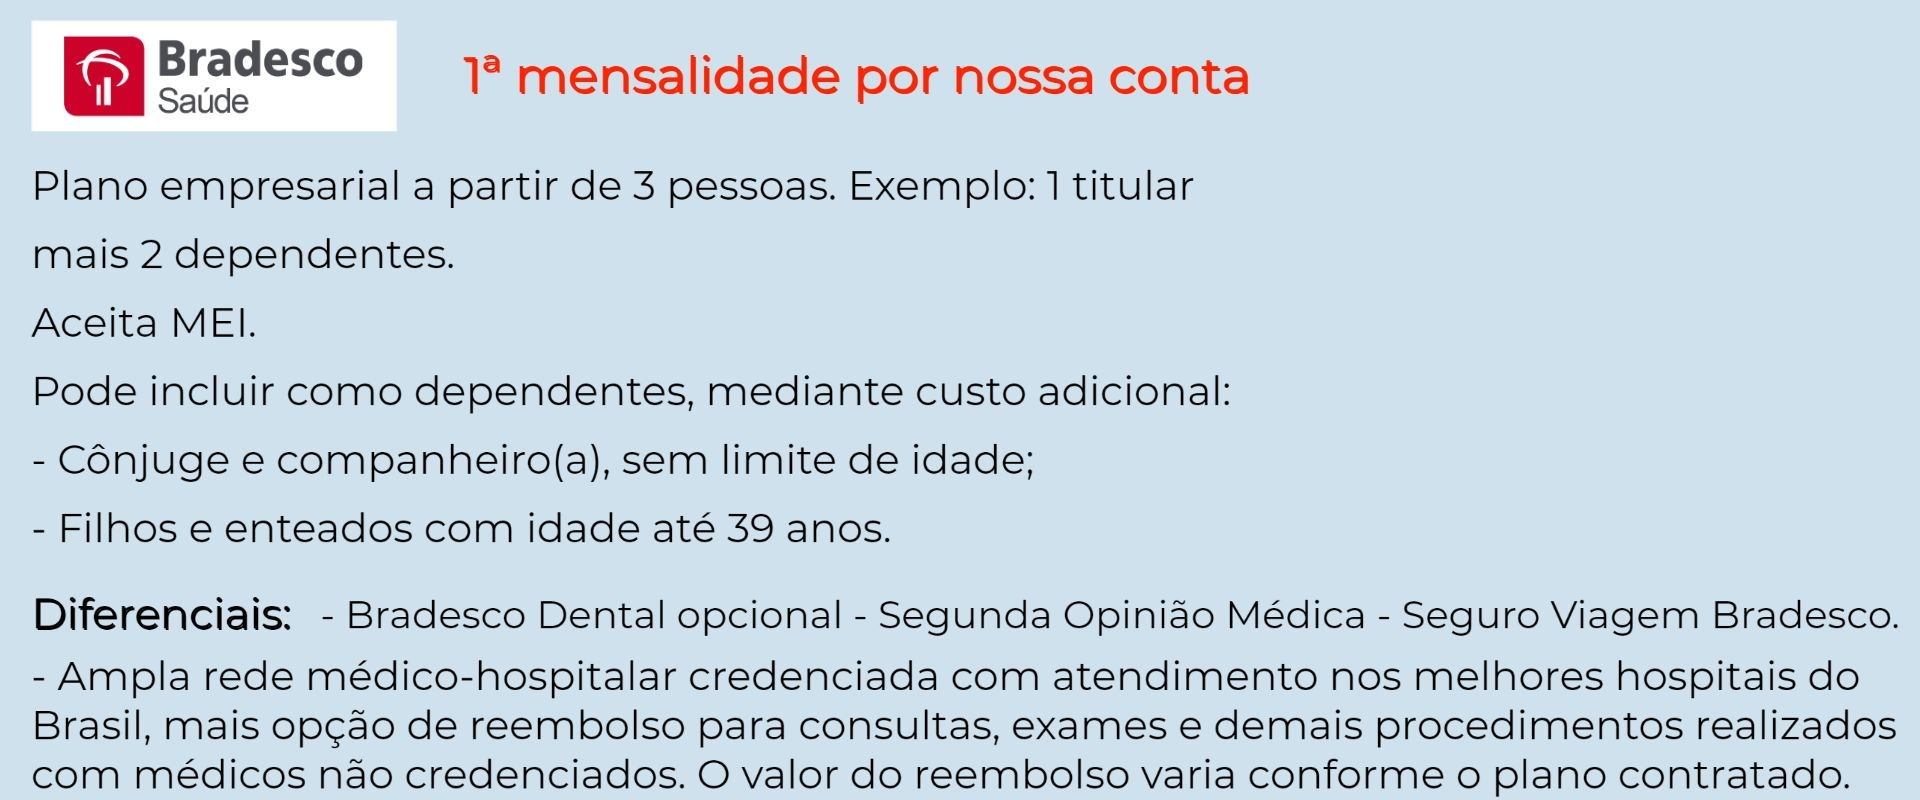 Bradesco Saúde Empresarial – Sousa